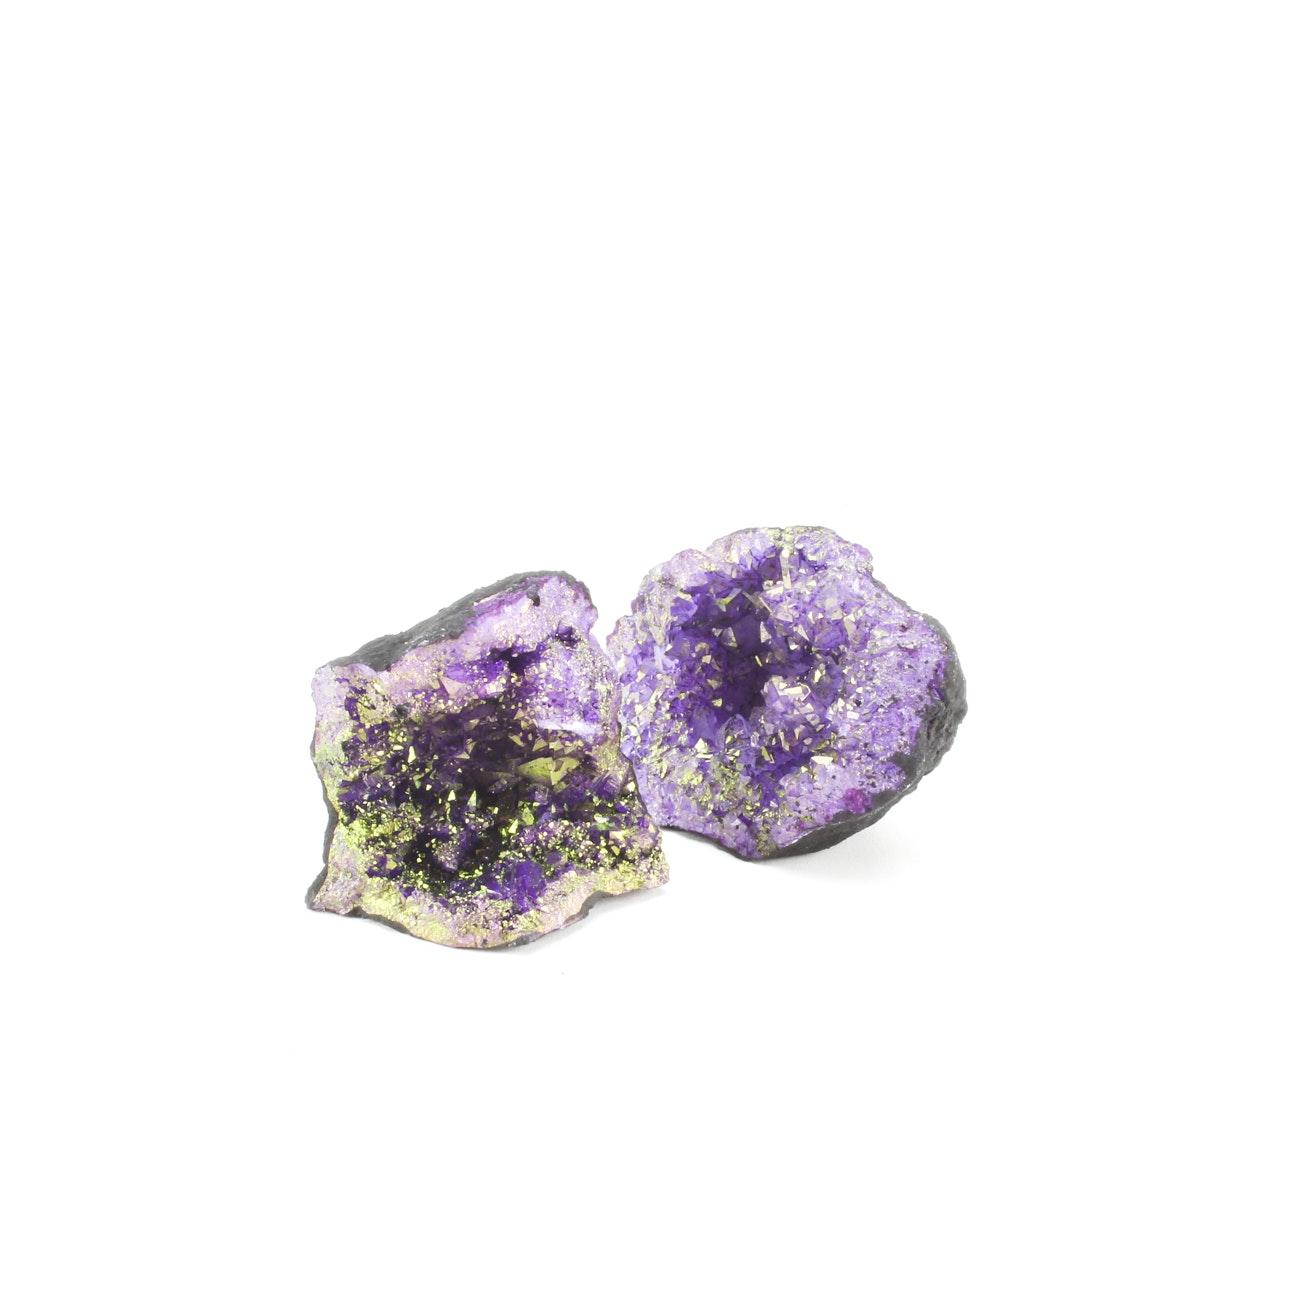 Pair of Moroccan Iridescent Purple Aura Quartz Geodes